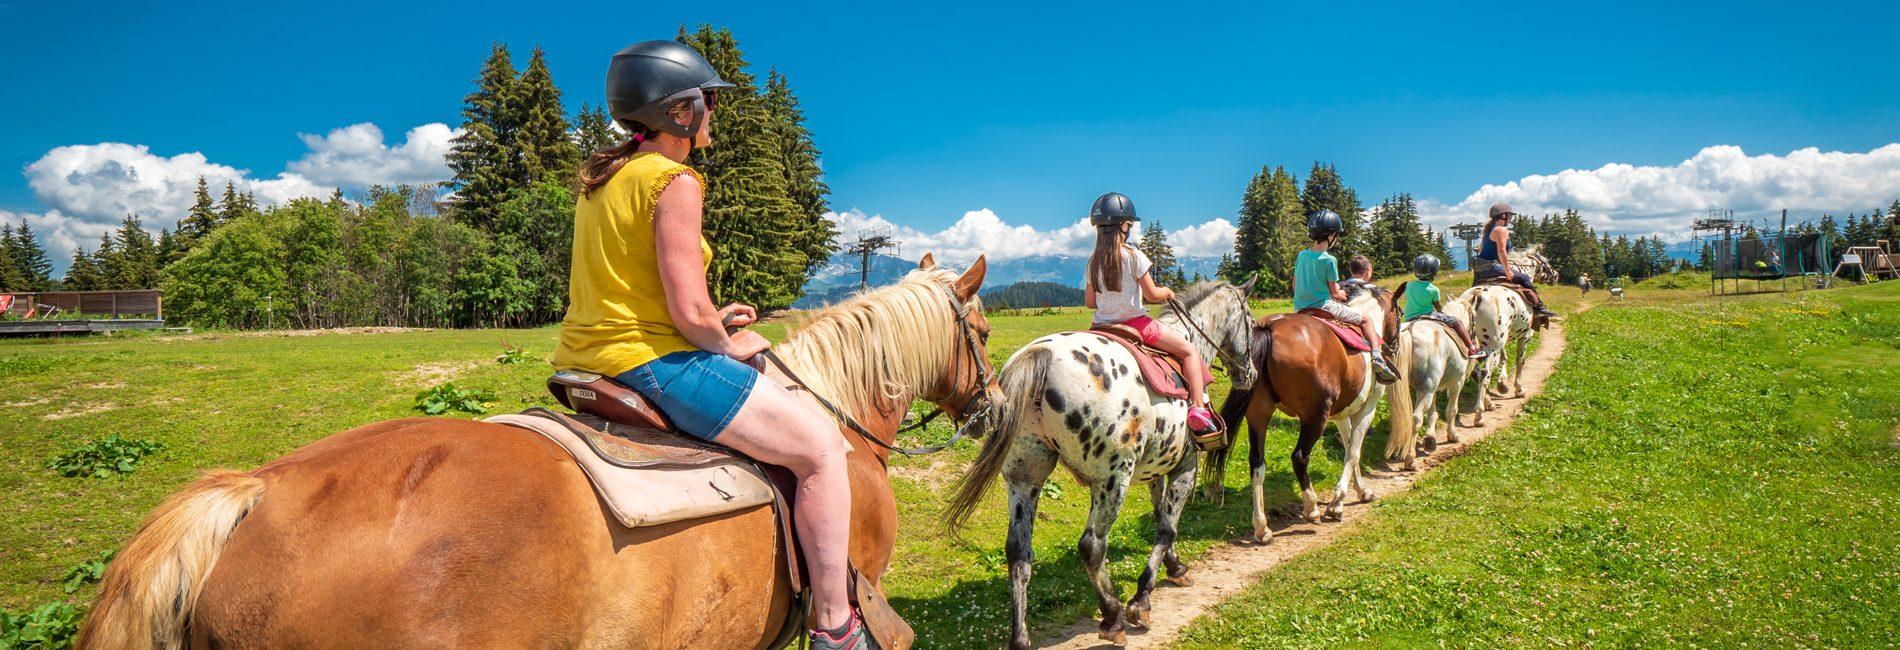 025 07 20 Equitation Praz de Lys ┬® gilles_piel